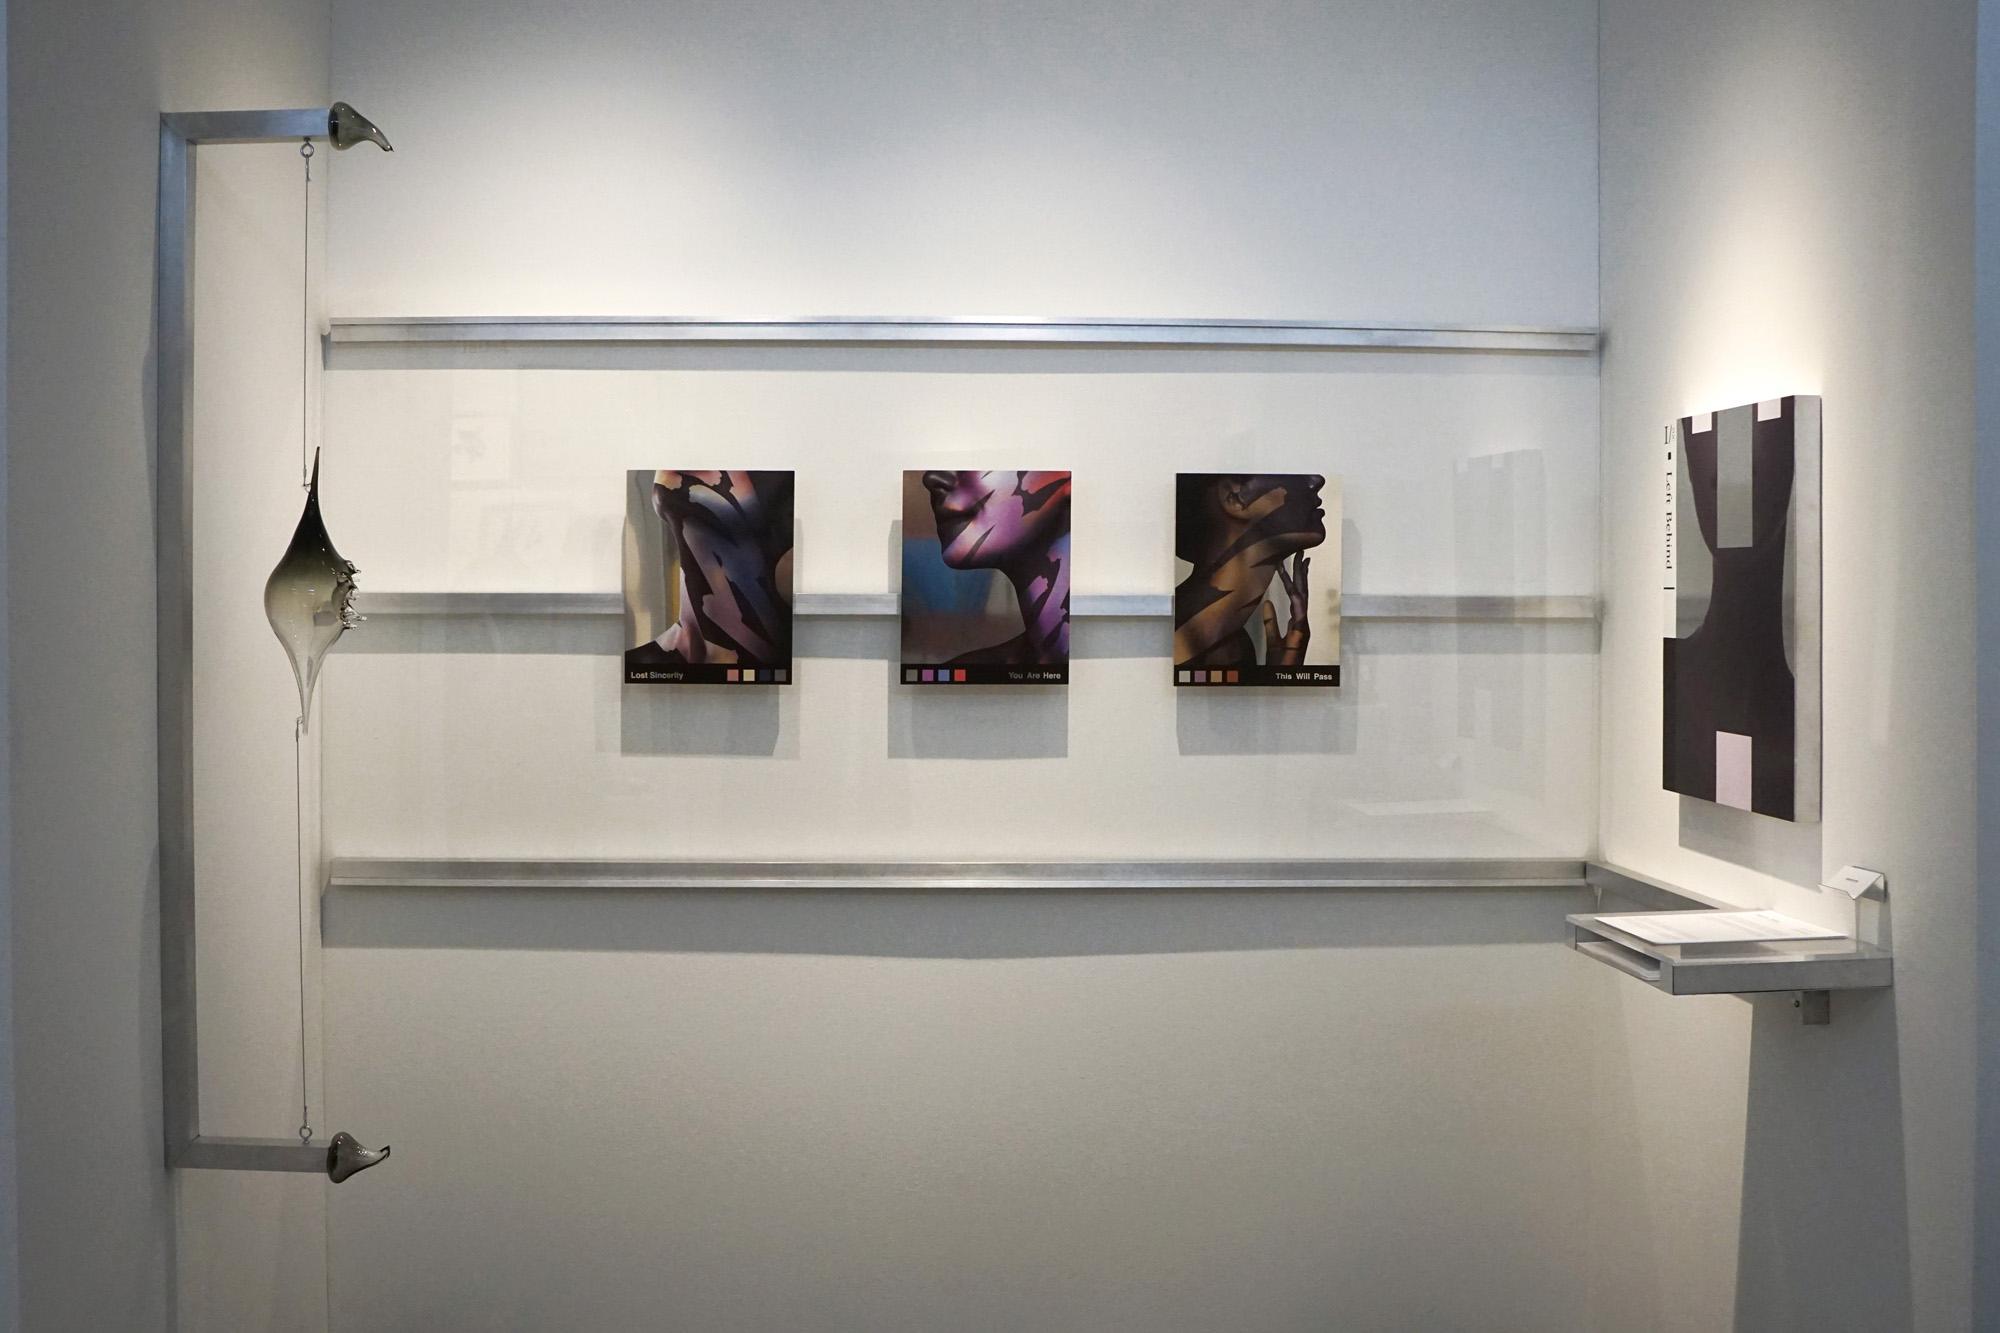 Alex_Ito_NADA_Miami_Springsteen_gallery_1